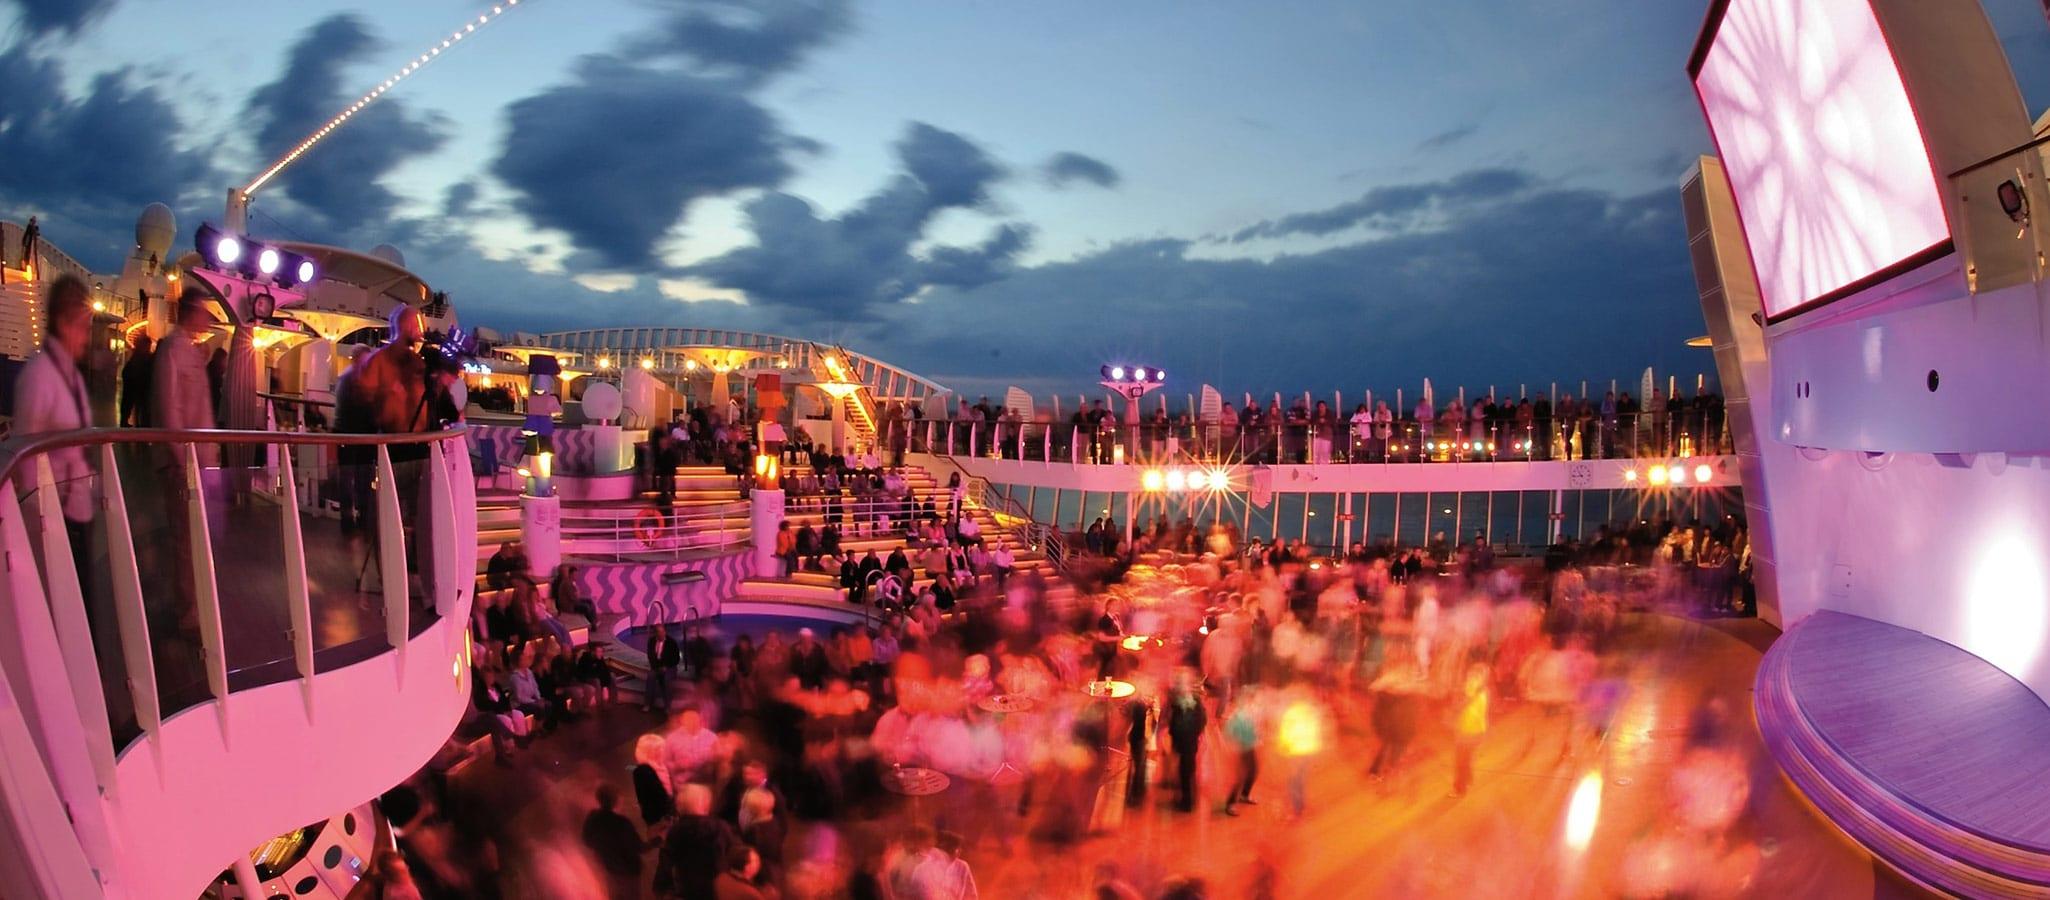 Bei Königswetter wird das offene Pooldeck zur Partylocation unter den Sternen.